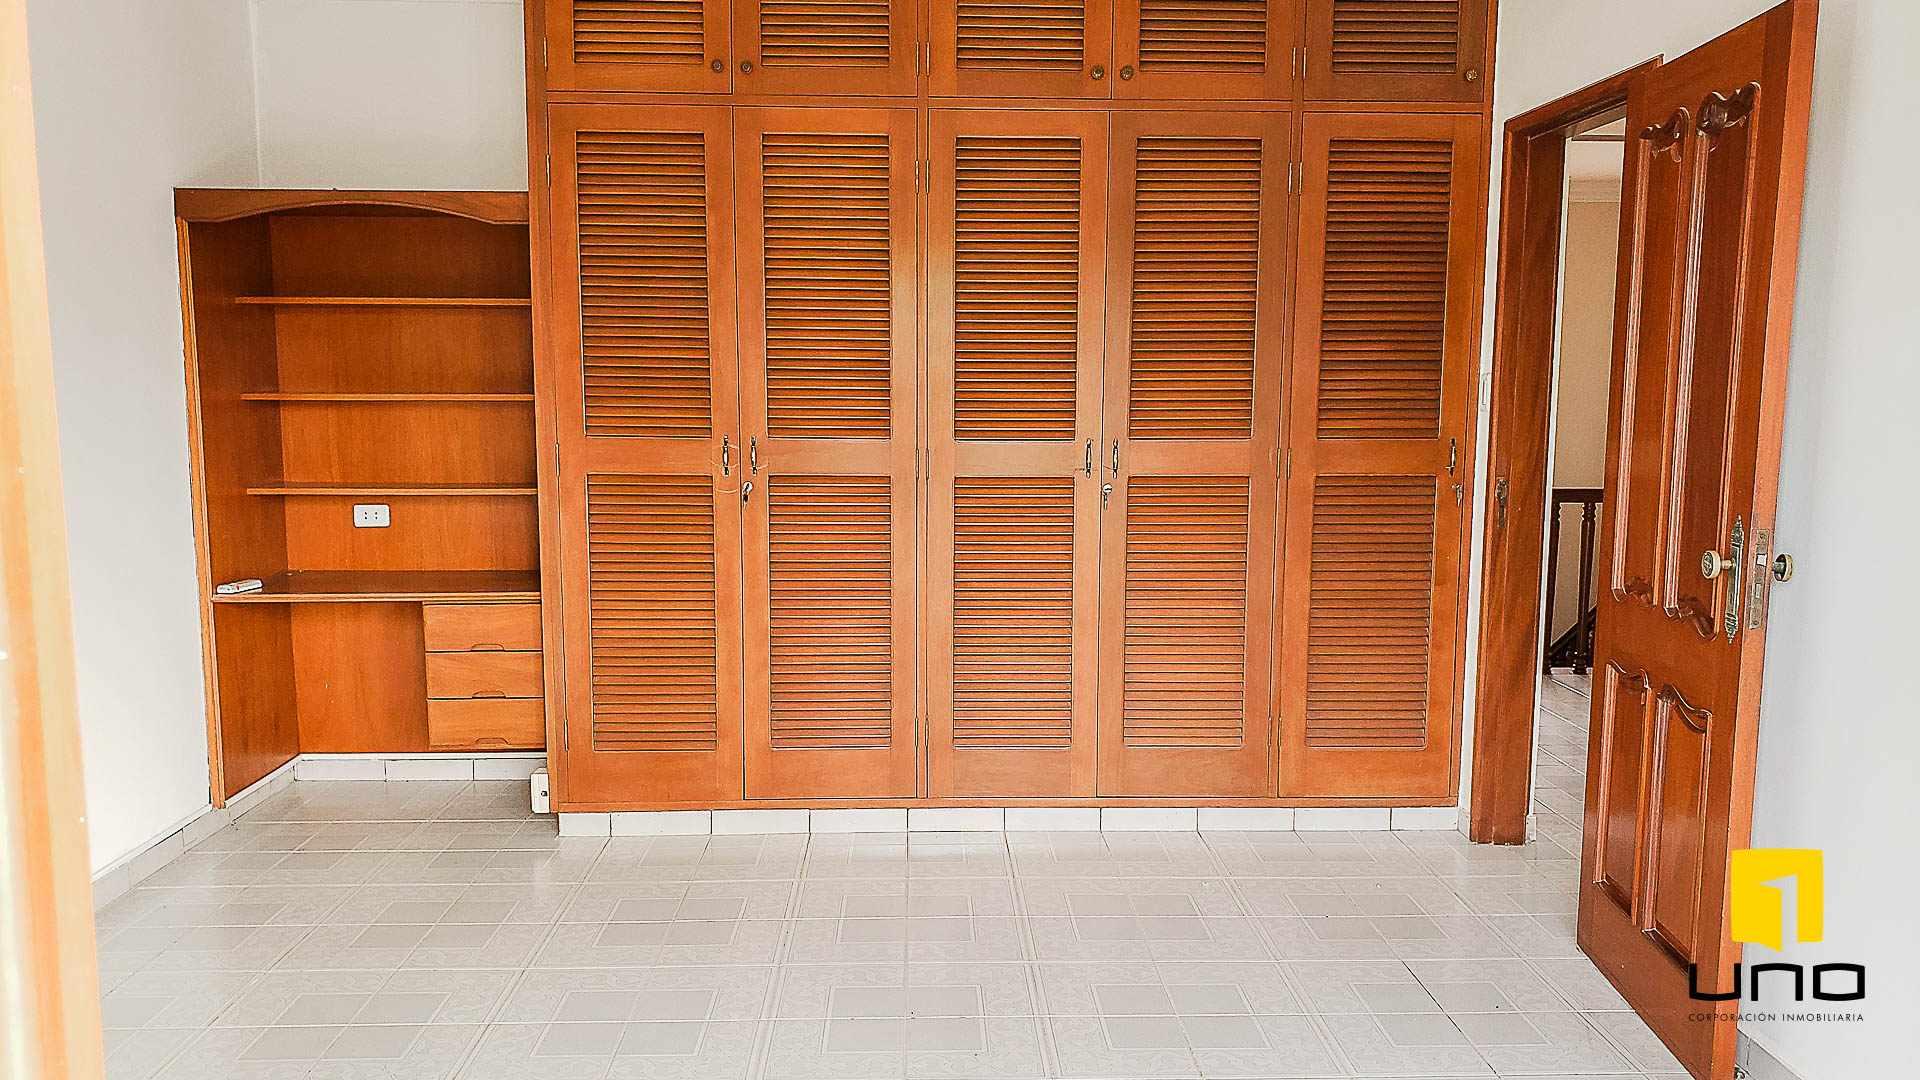 Casa en Alquiler BARRIO EQUIPETROL ALQUILO AMPLIA CASA PARA OFICINAS Foto 4